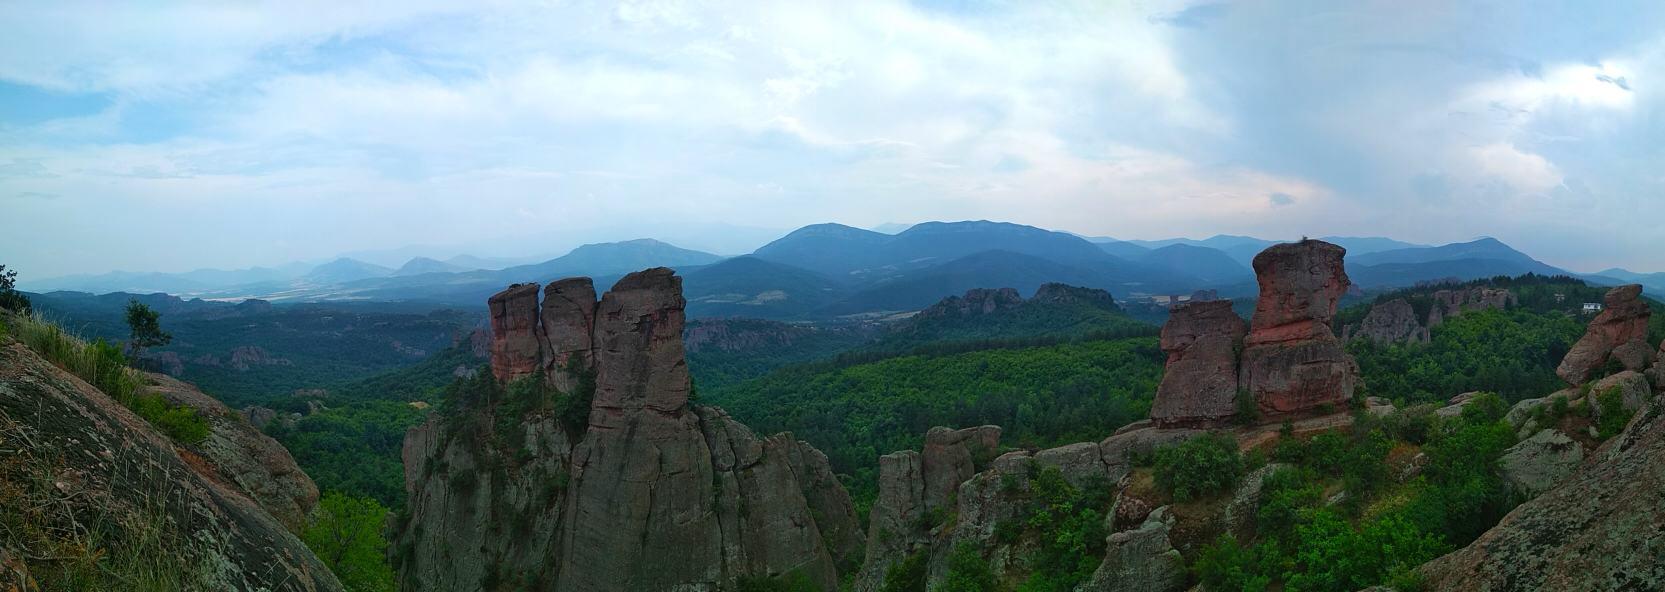 Bulgarien für Naturliebhaber